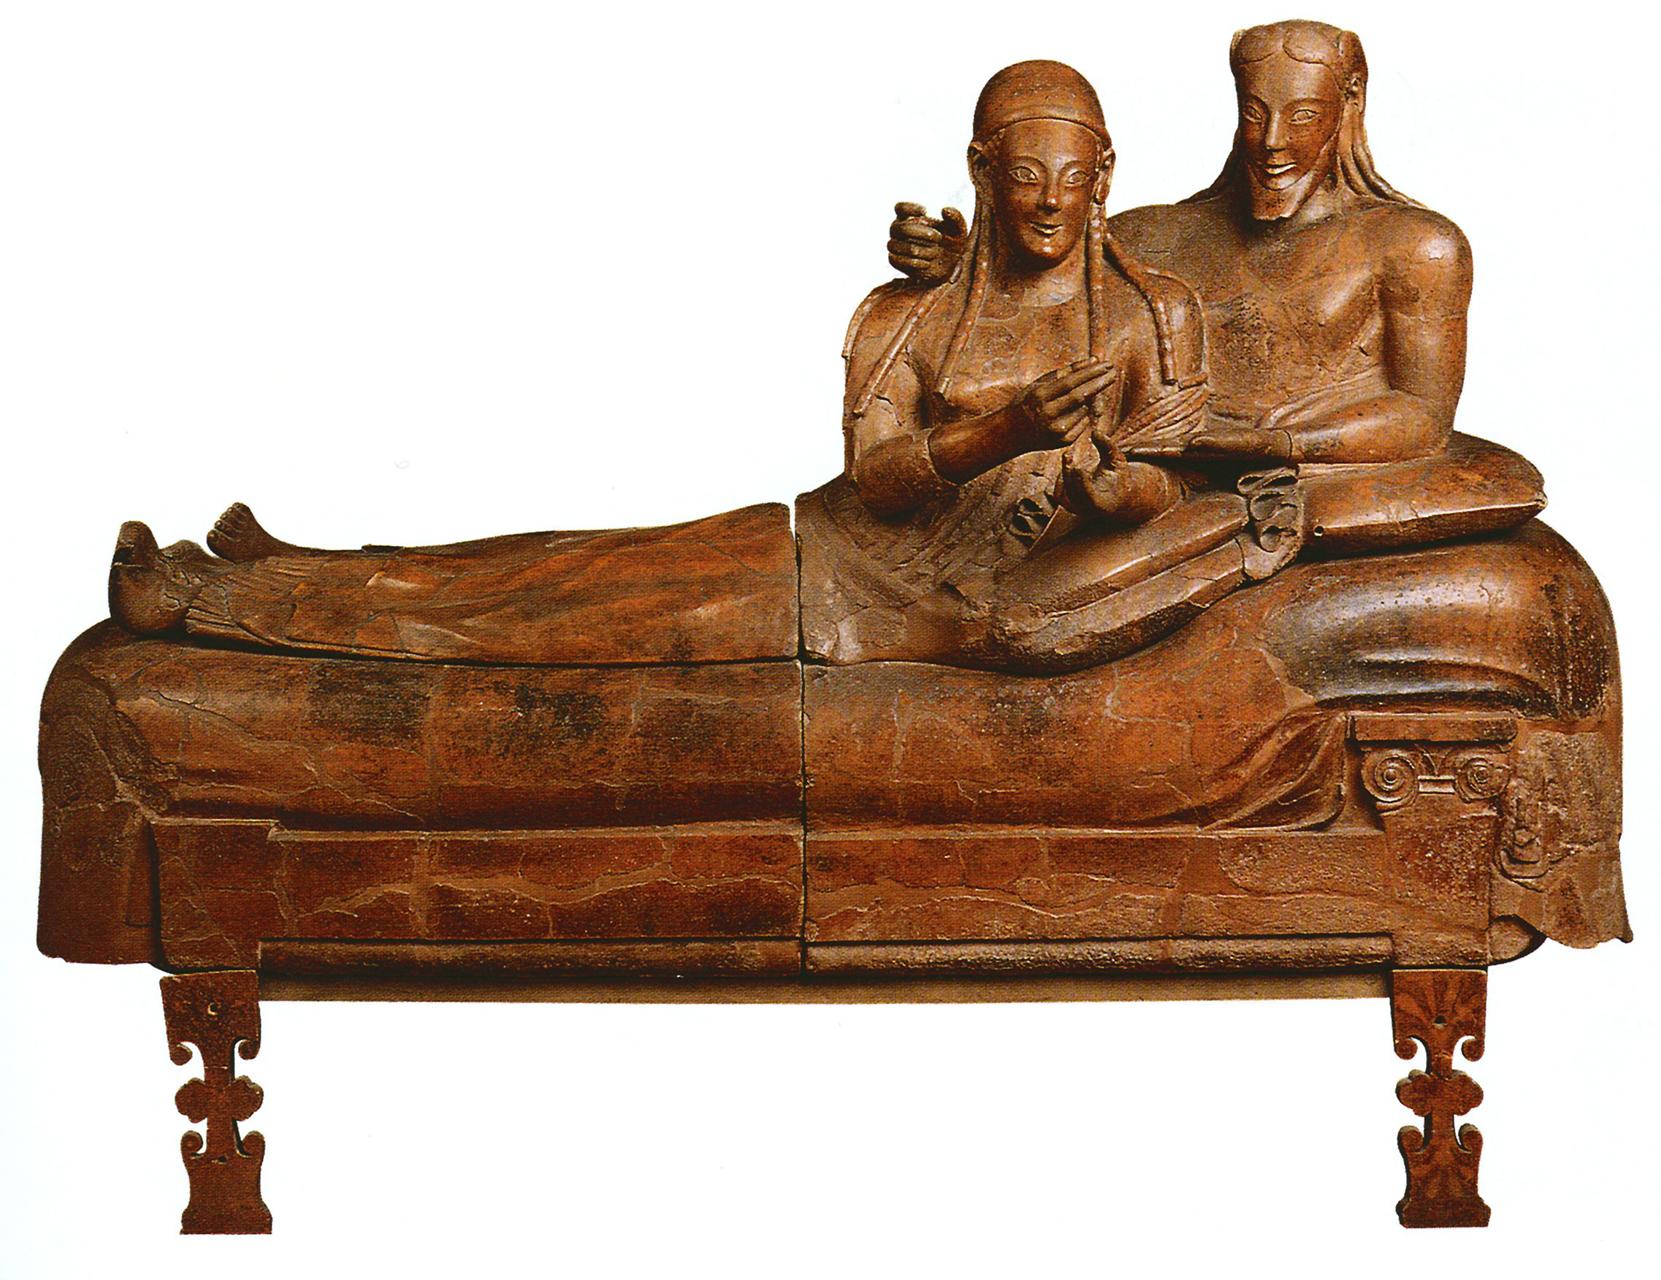 etruscan_sarcophagus.jpg